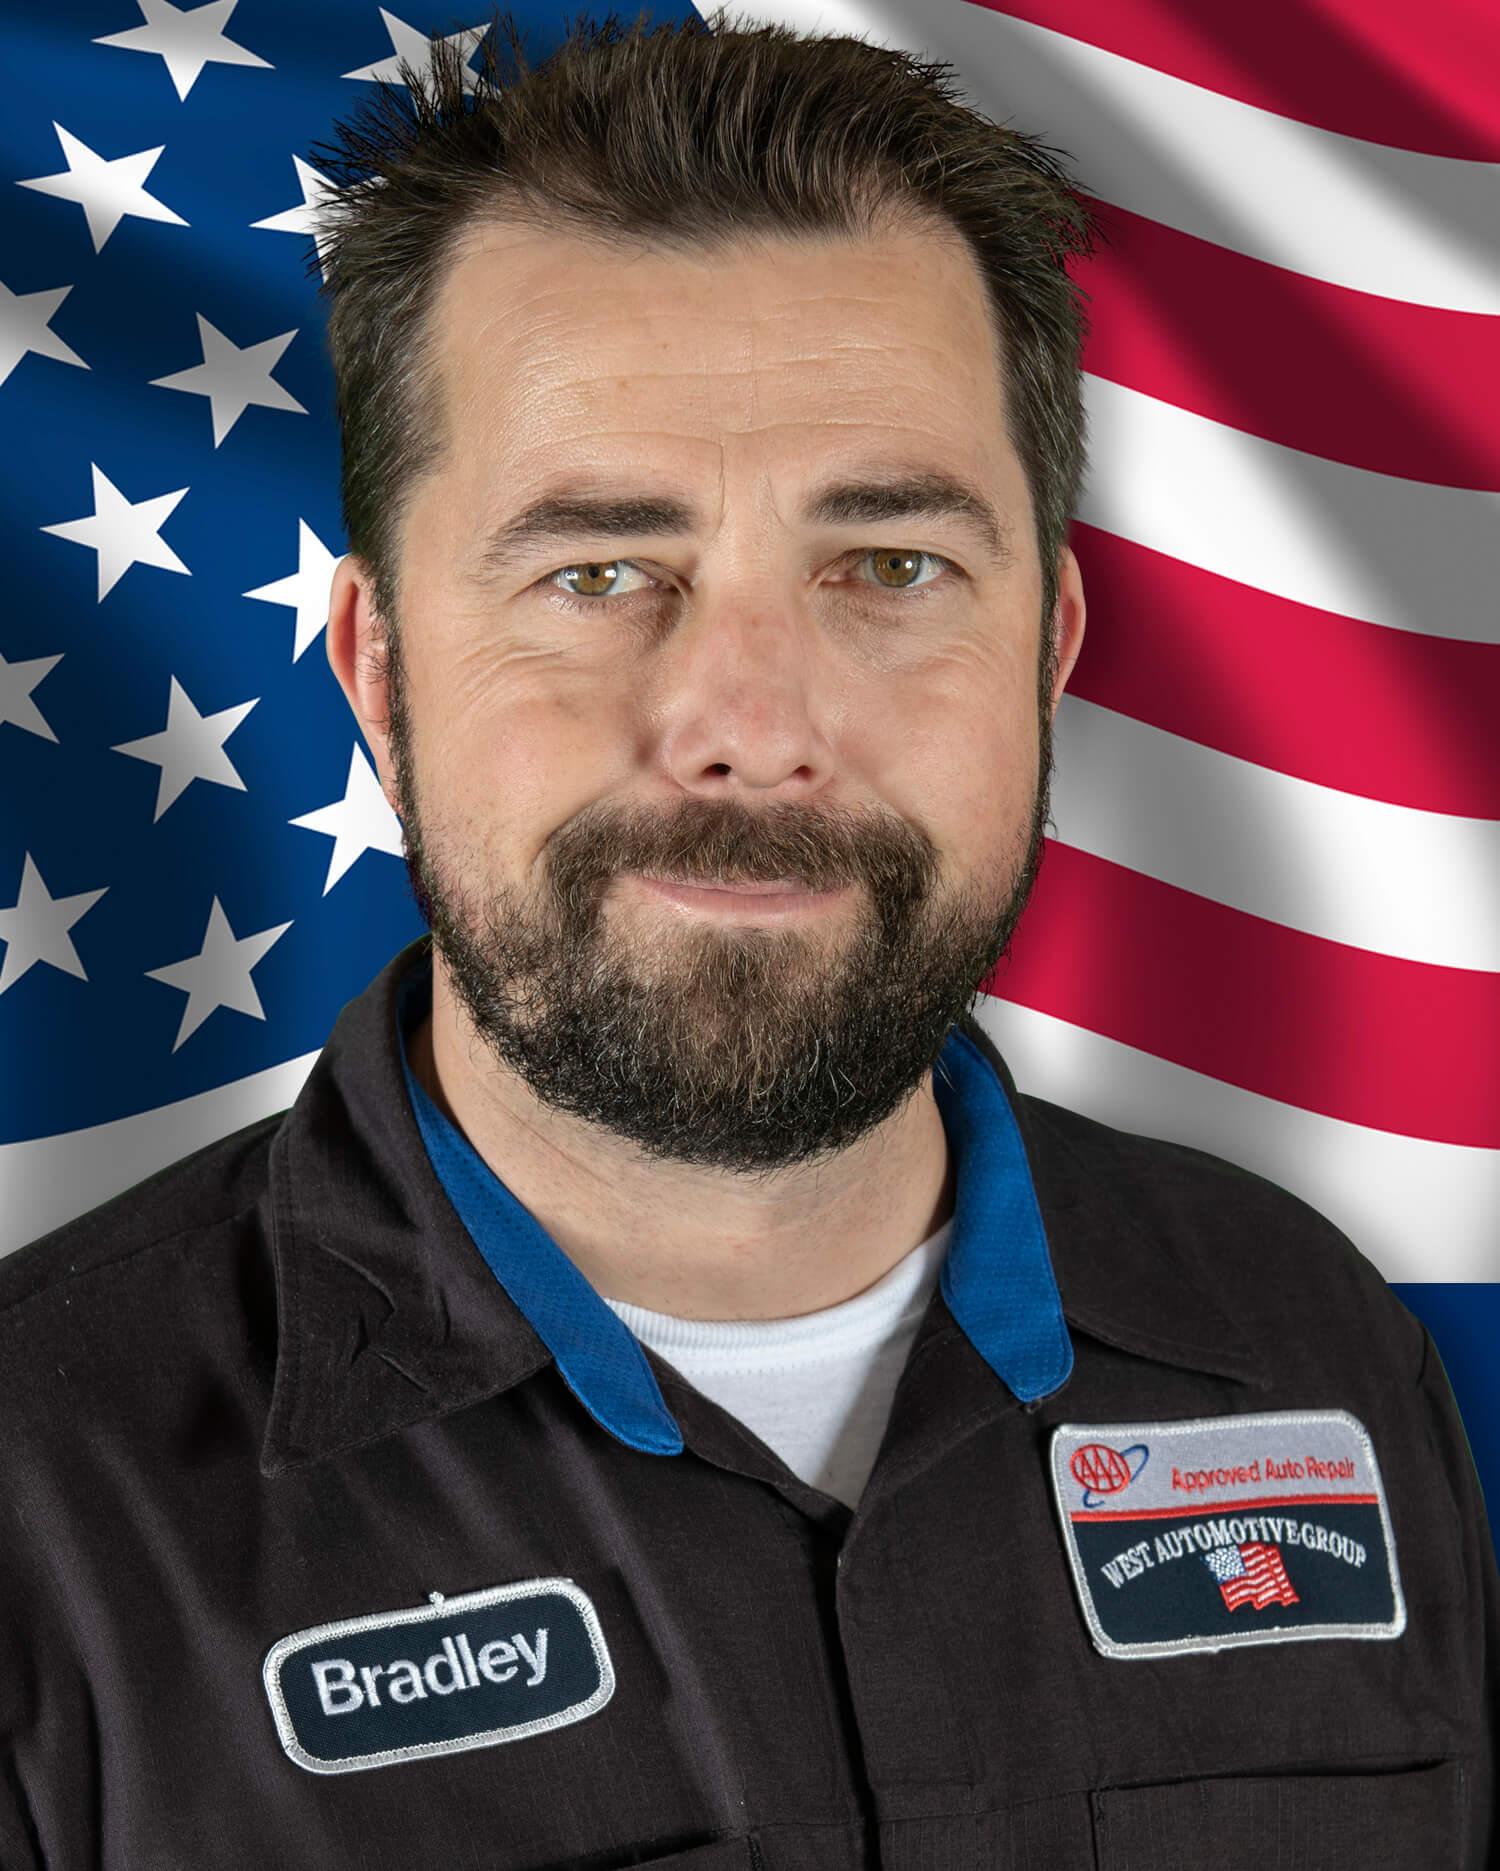 Bradley Barrick